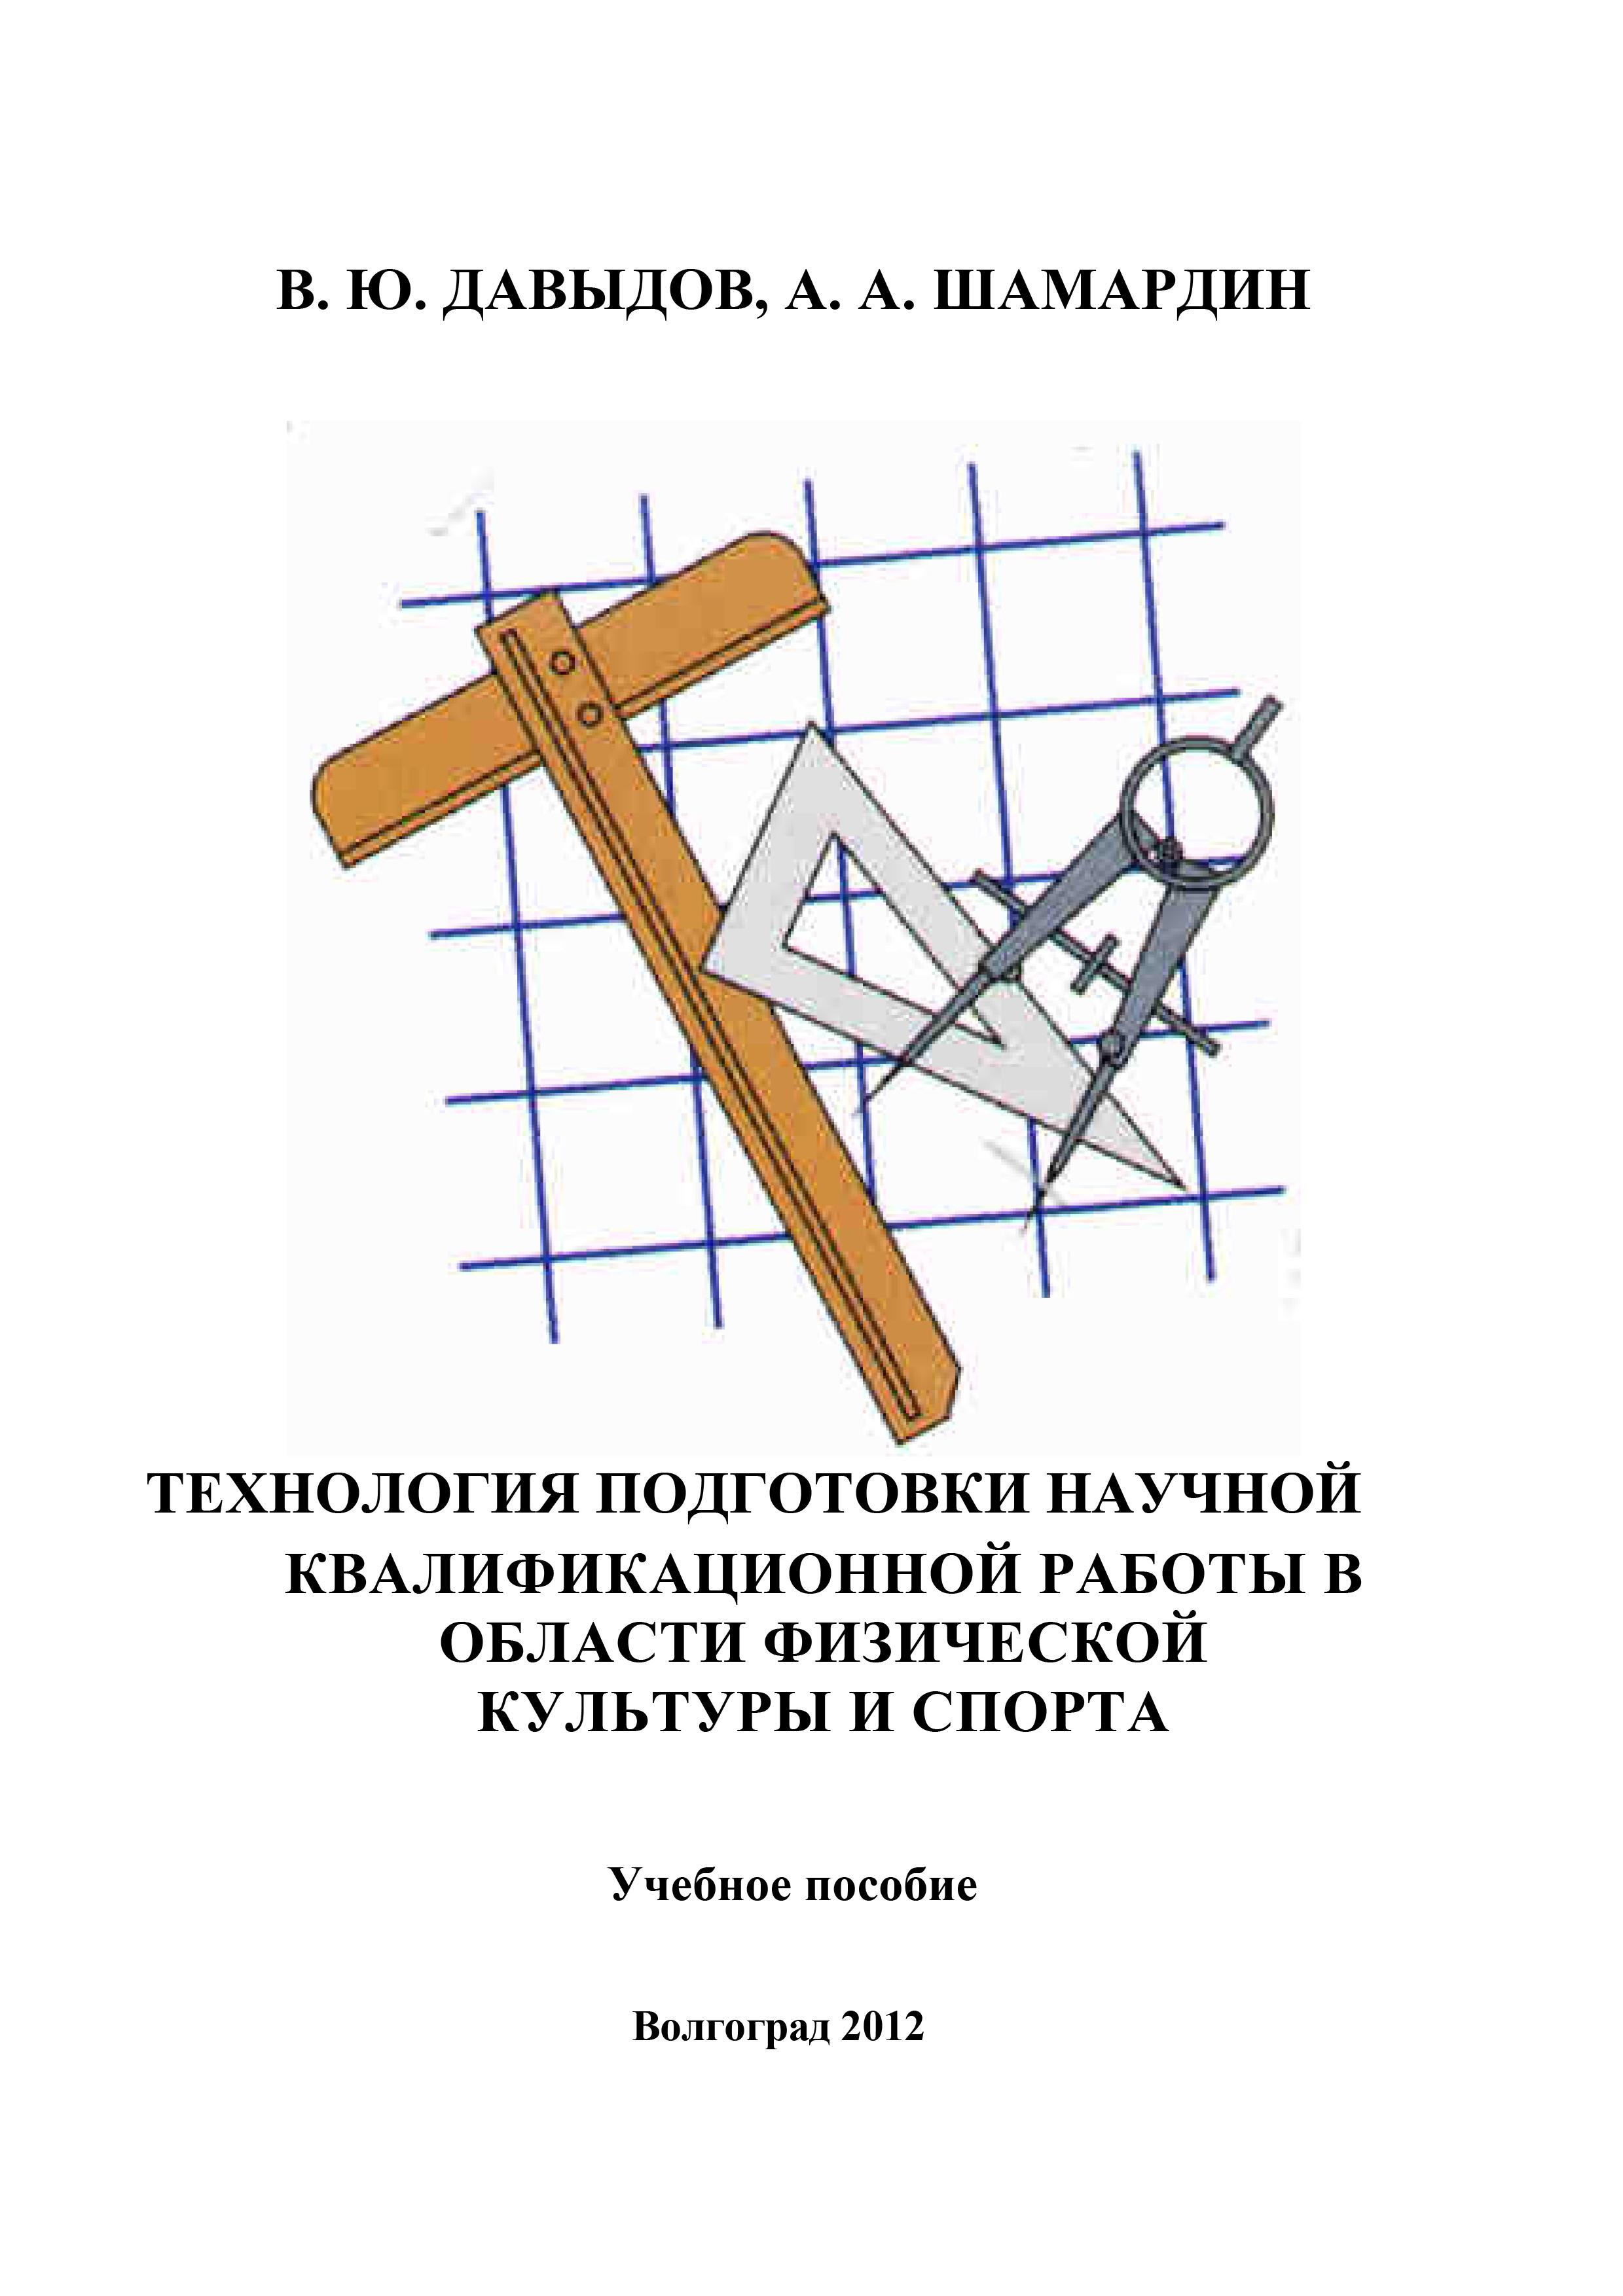 В. Ю. Давыдов Технология подготовки научной квалификационной работы в области физической культуры и спорта